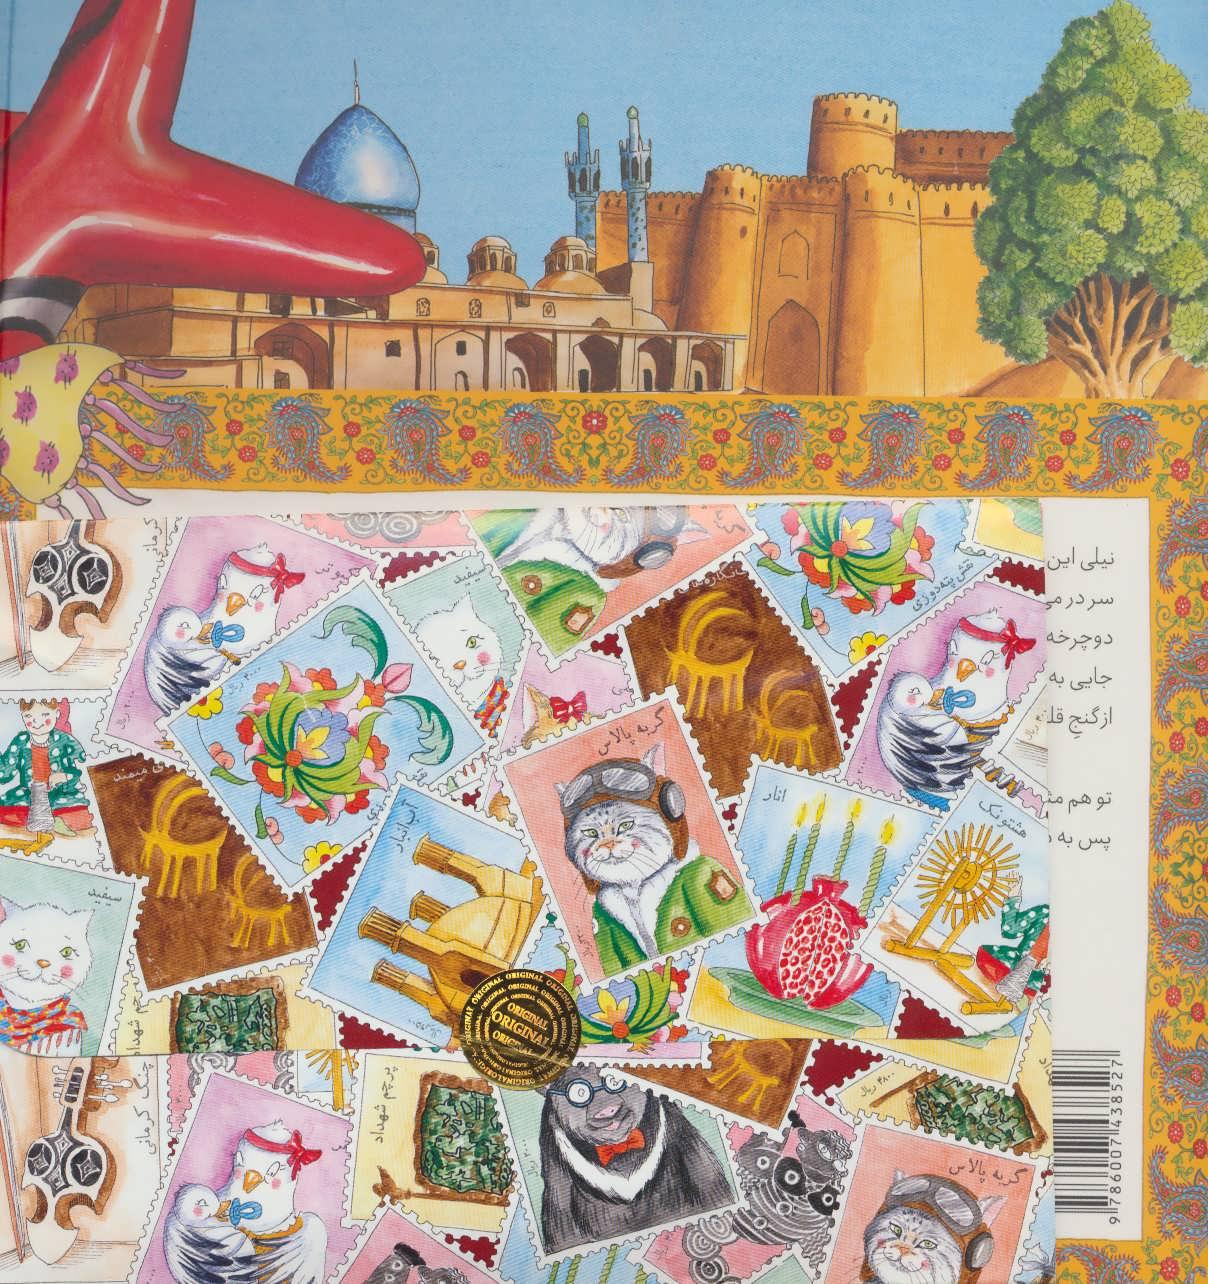 نیلی در قلعه گنج (نامه های نیلی)،(گلاسه)